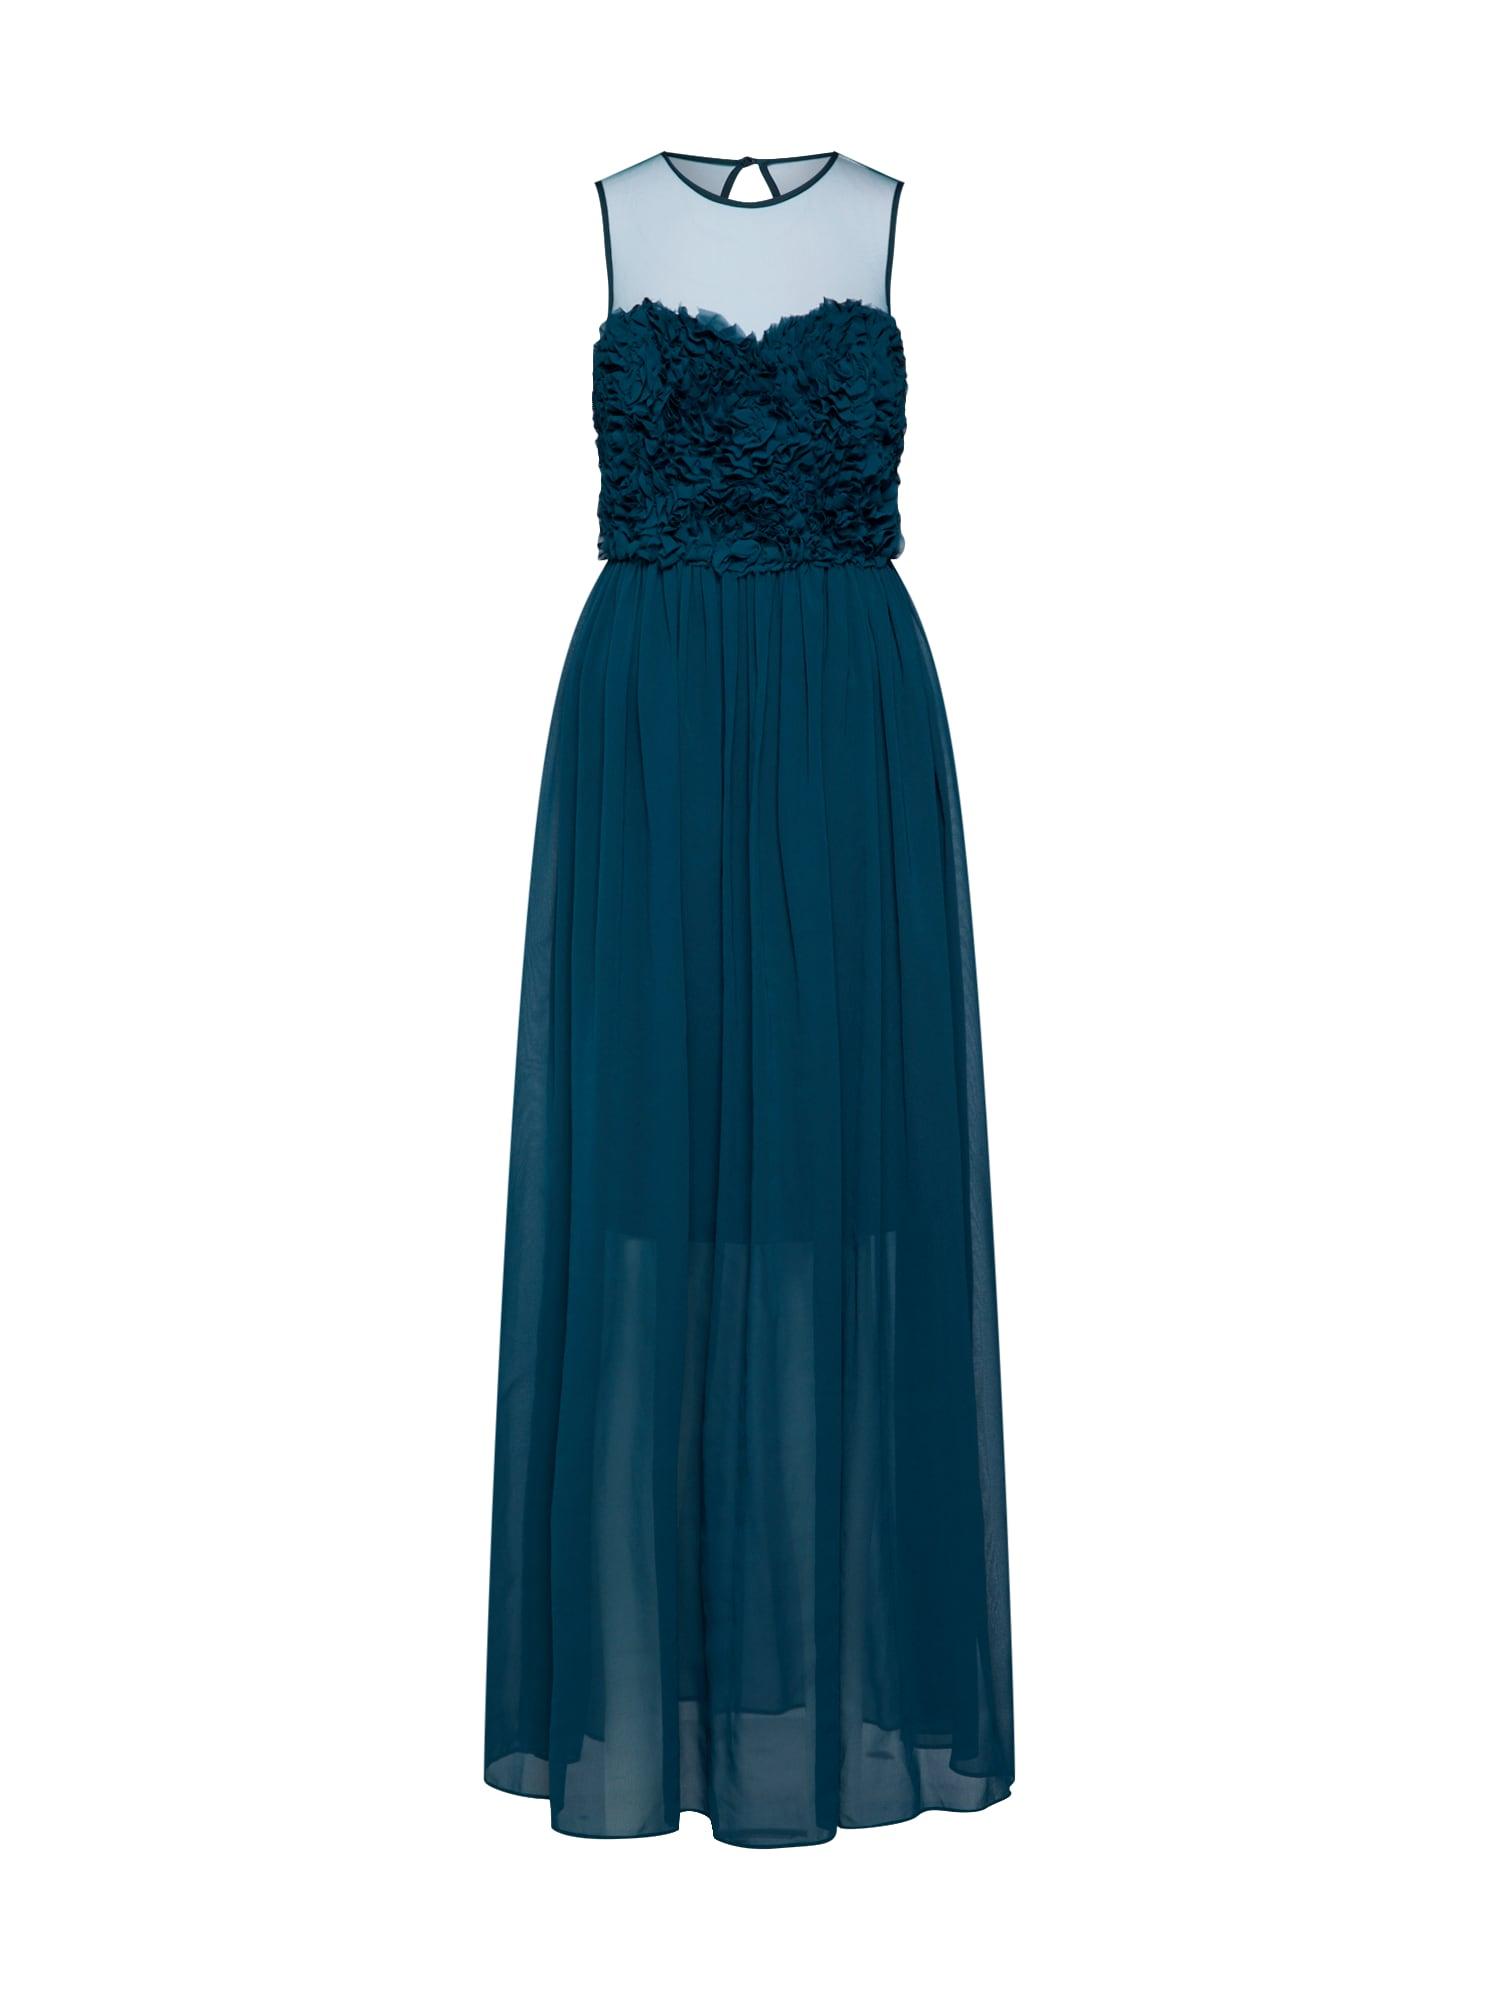 APART Vakarinė suknelė smaragdinė spalva